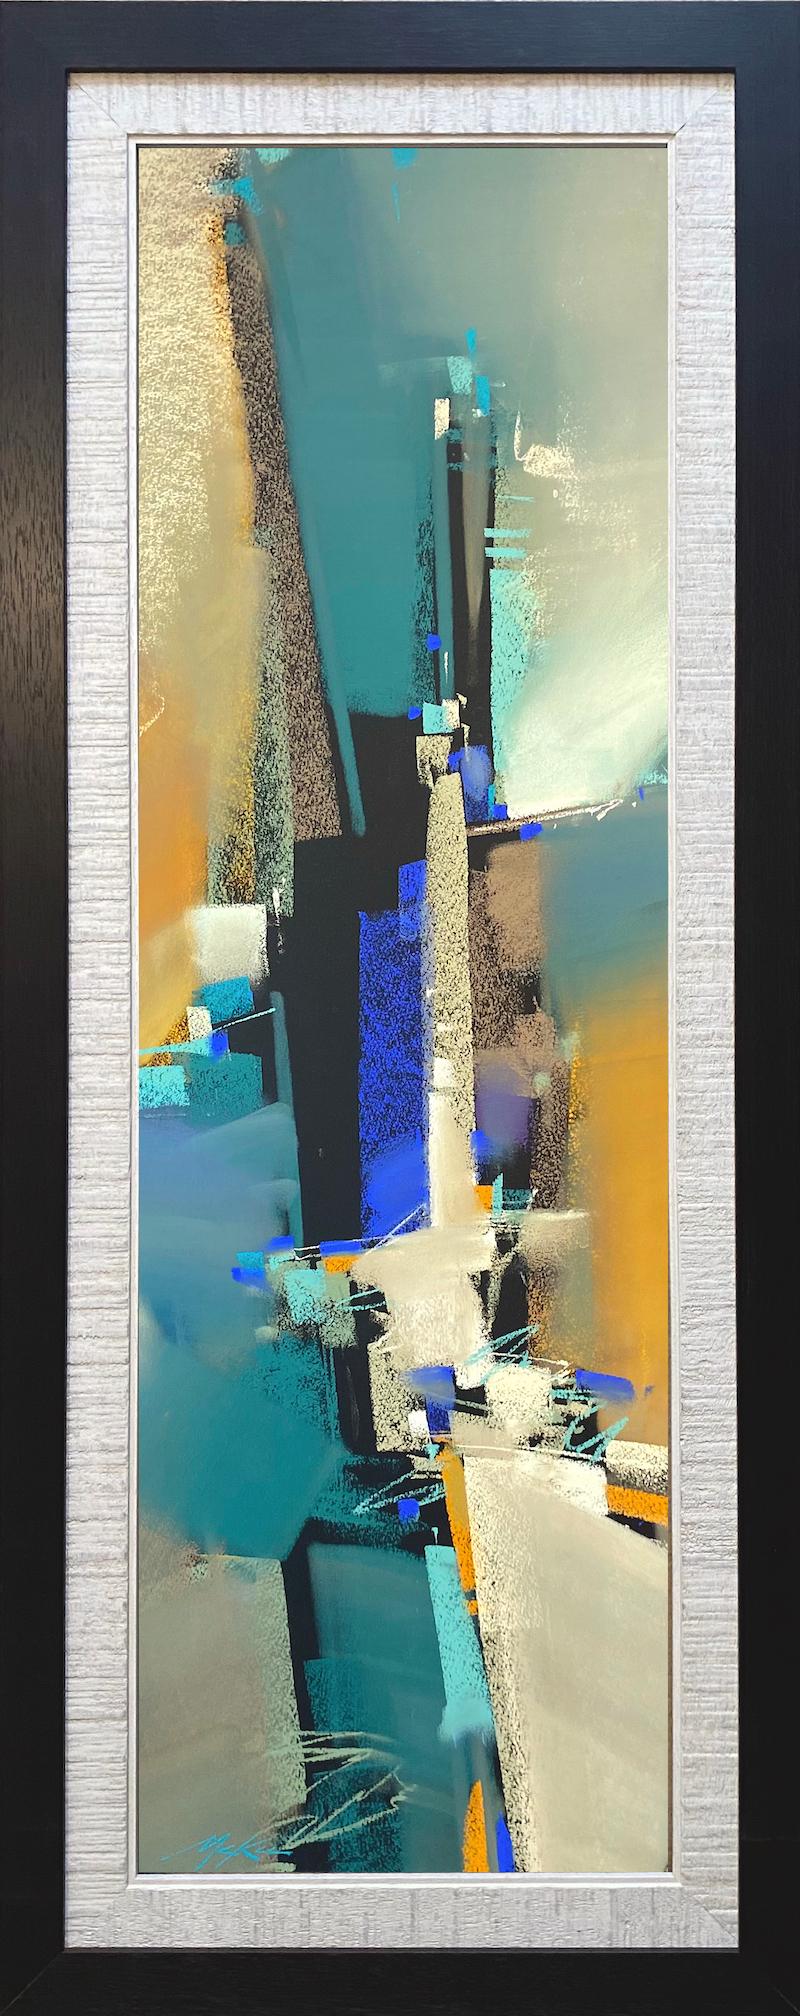 Leticular 2 framed uytyty